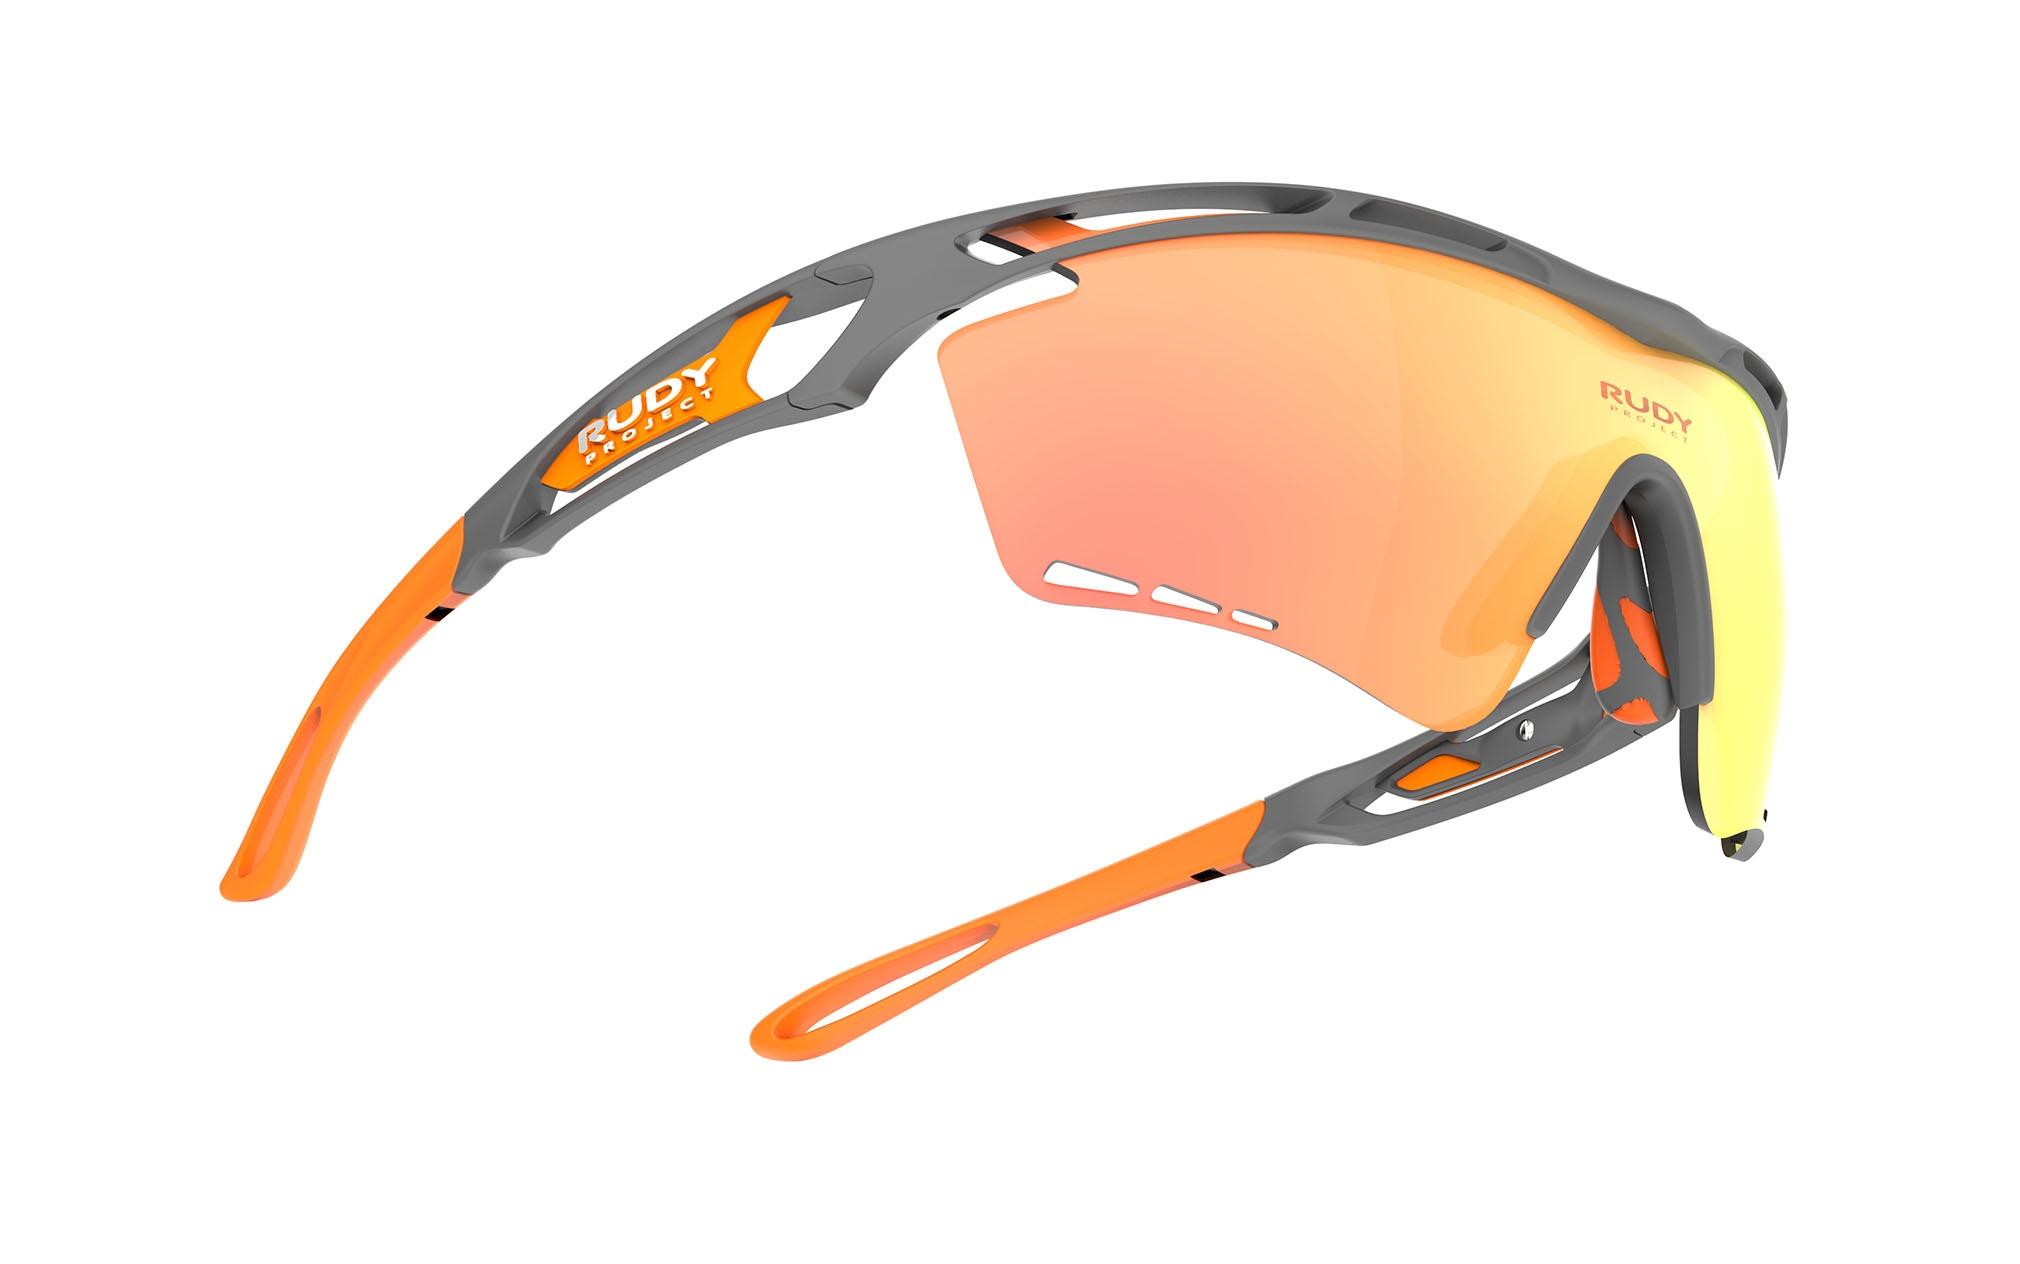 6f4c0c9e8ec6 Performance Eyewear Tralyx XL - Rudy Project